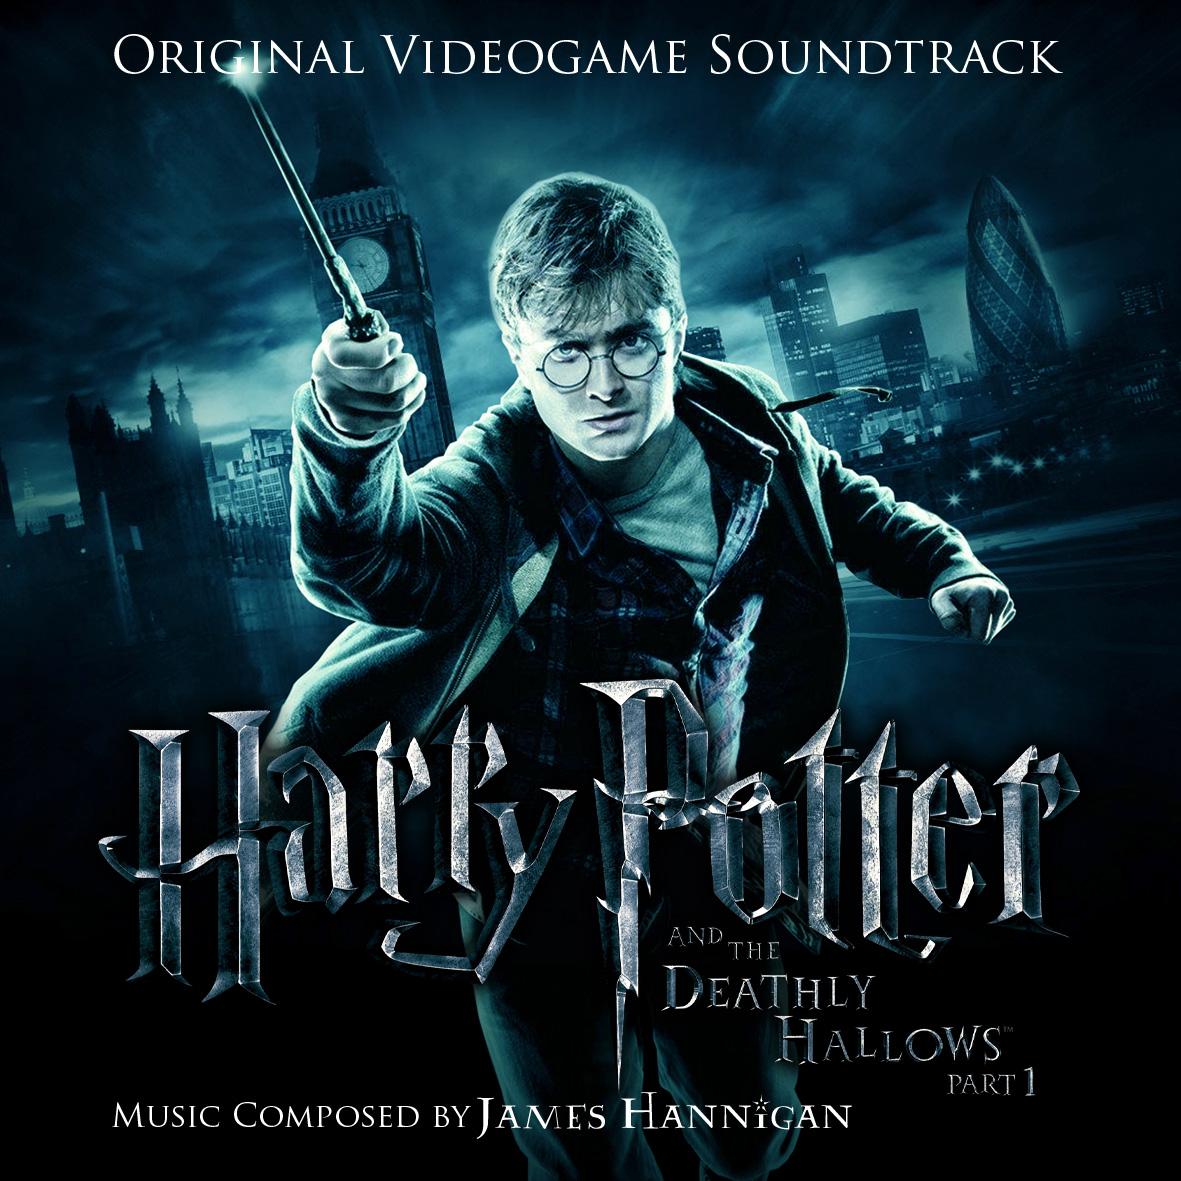 Harry Potter y las Reliquias de la Muerte: Parte 1 (banda sonora del videojuego)